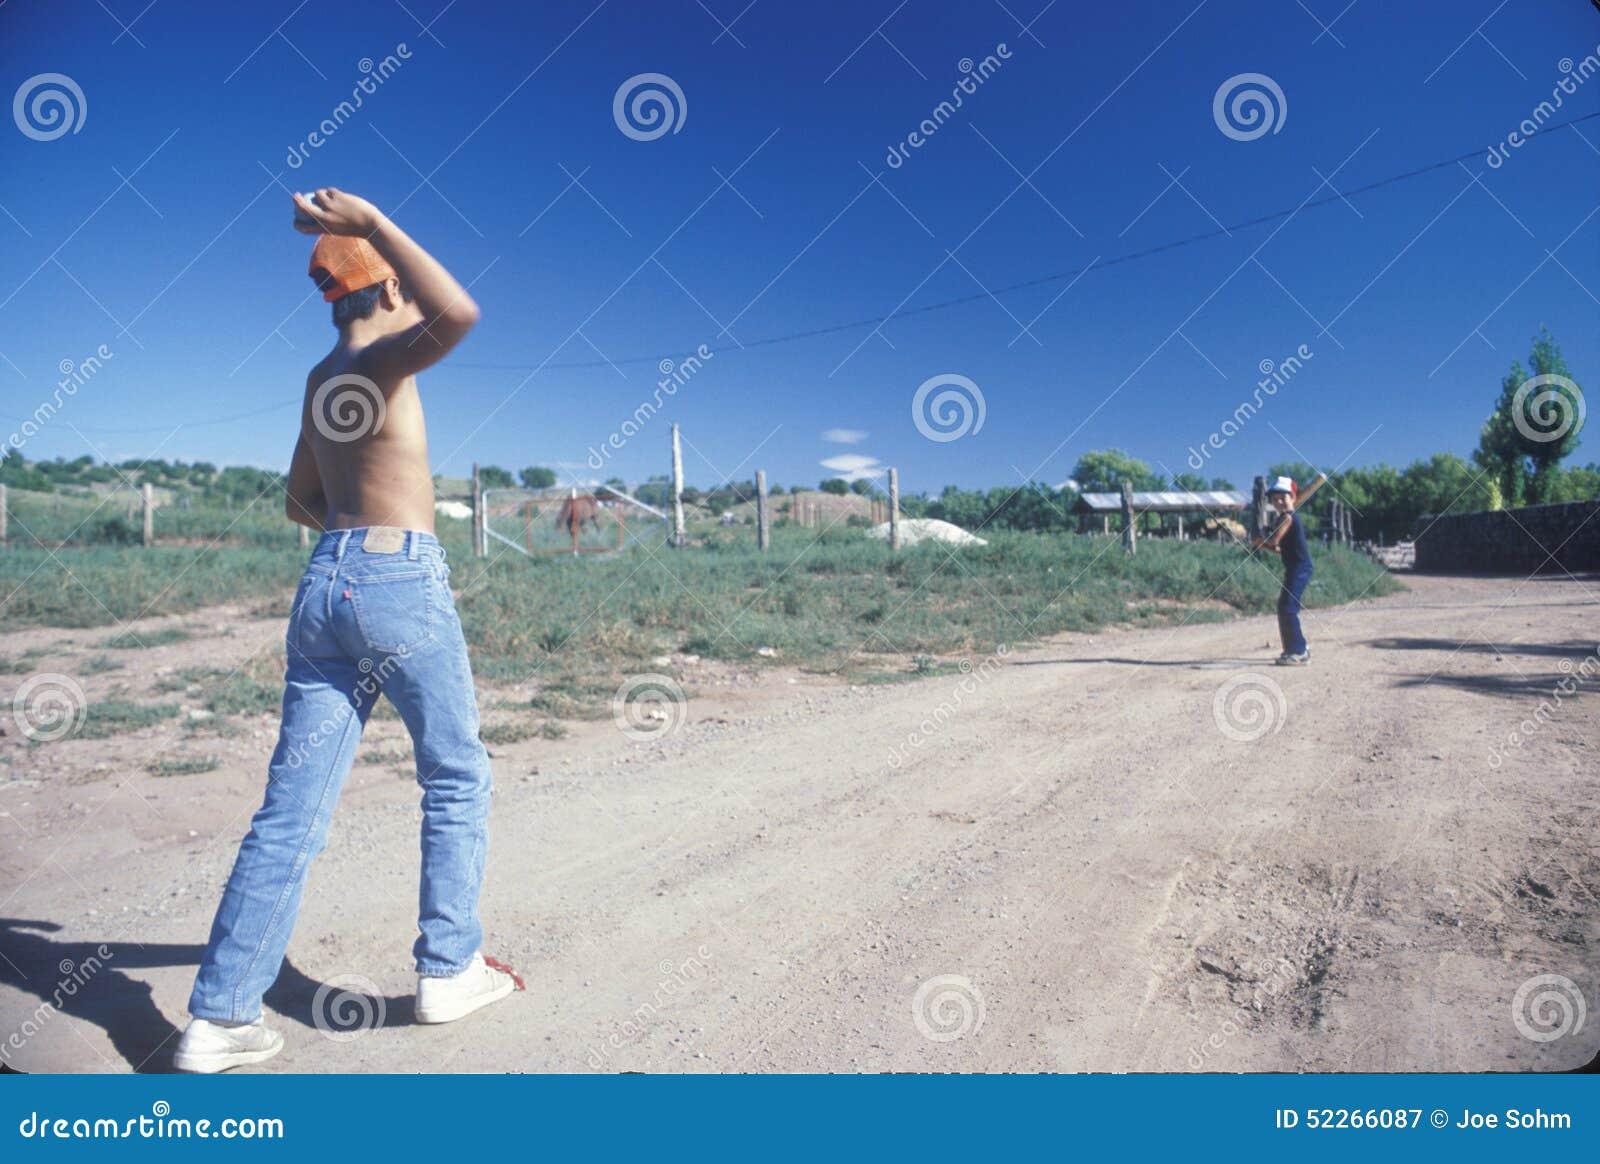 Dos muchachos que juegan al béisbol en un camino de tierra, San Miguel, nanómetro